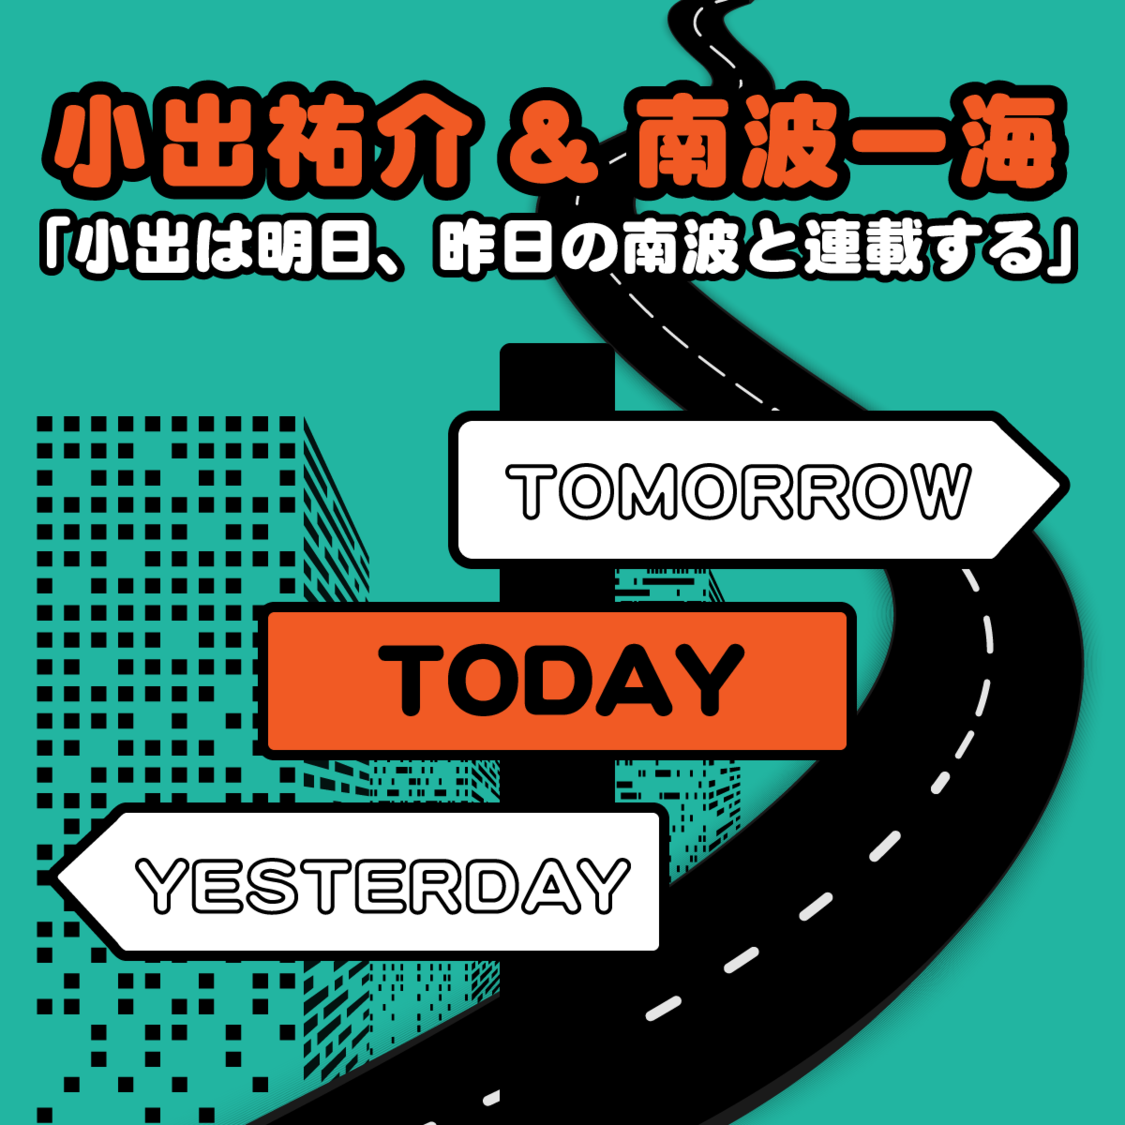 第29回:東京女子流〜小出祐介&南波一海「小出は明日、昨日の南波と連載する」〜